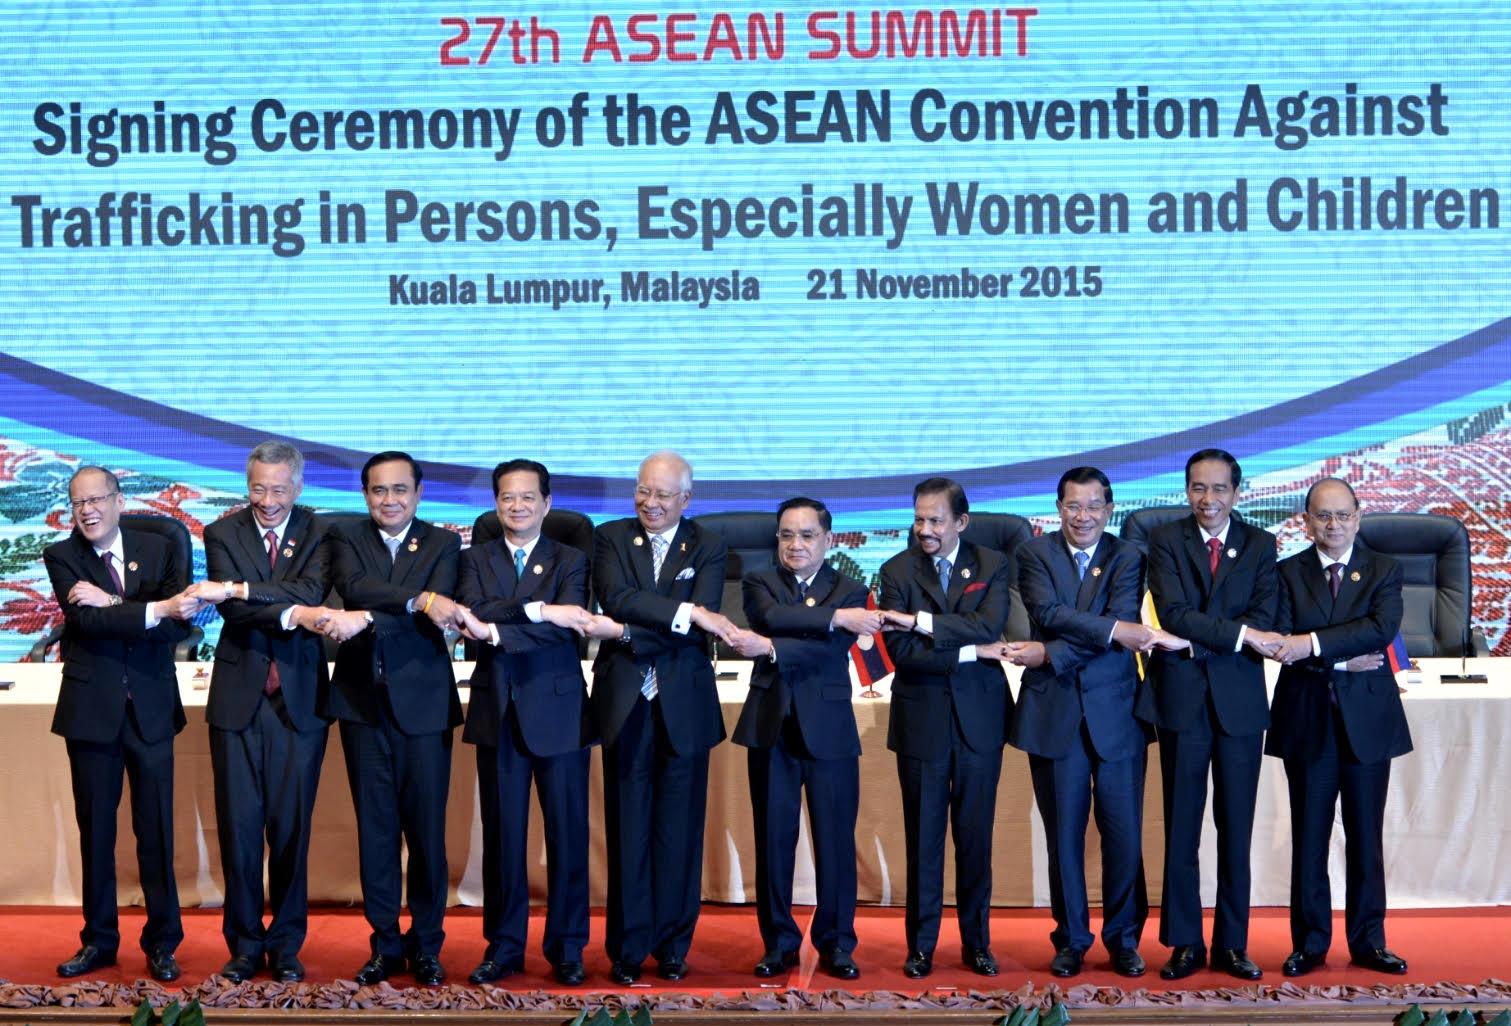 Presiden Joko Widodo di acara Konferensi Tingkat Tinggi ASEAN (dok. setkab.go.id)